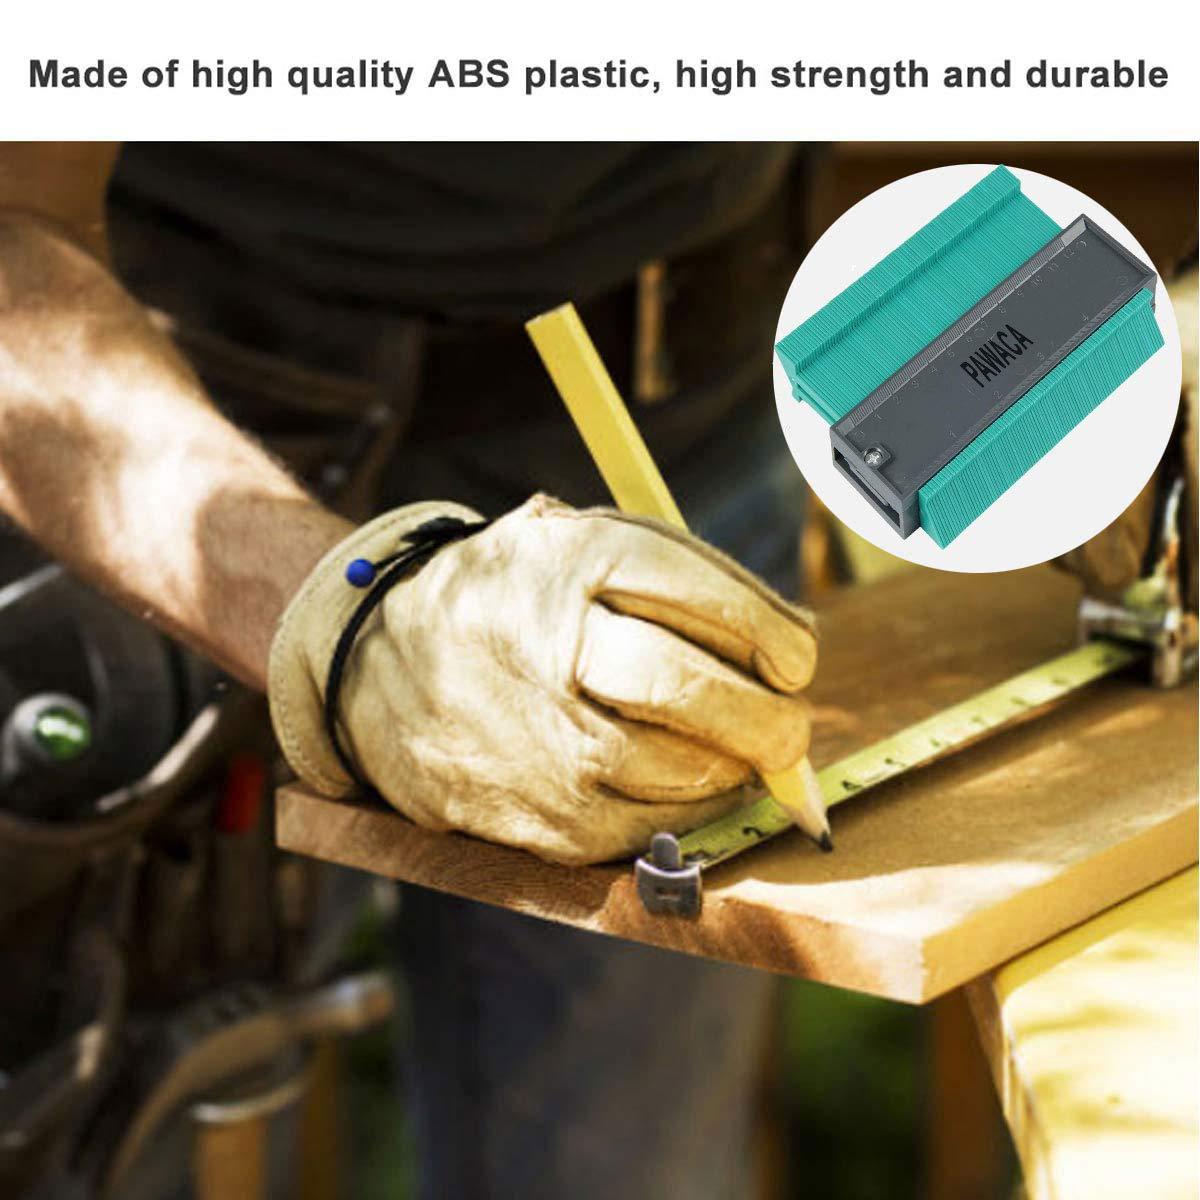 4.7//120MM Konturenlehre Fliesen Laminat Duplikator Holz Markierungswerkzeug Fliesen Laminatfliesen Allgemeine Werkzeuge